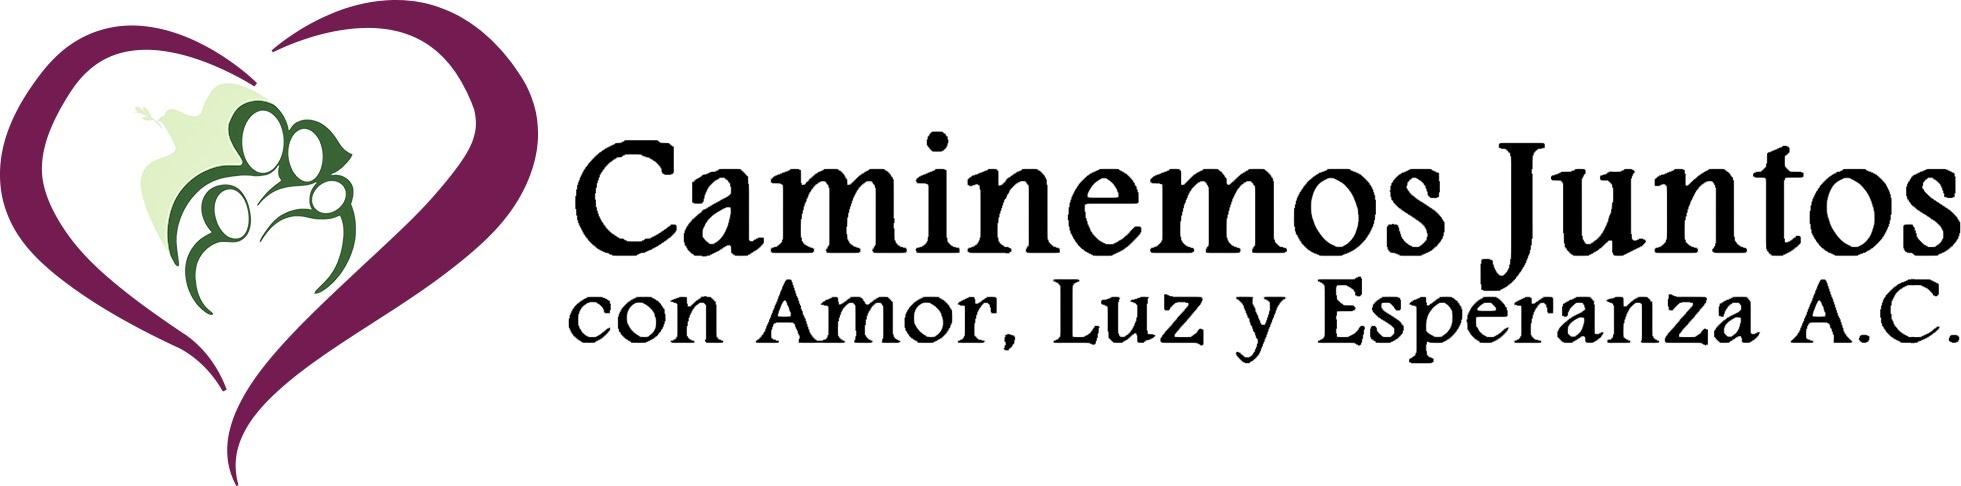 CAMINEMOS JUNTOS